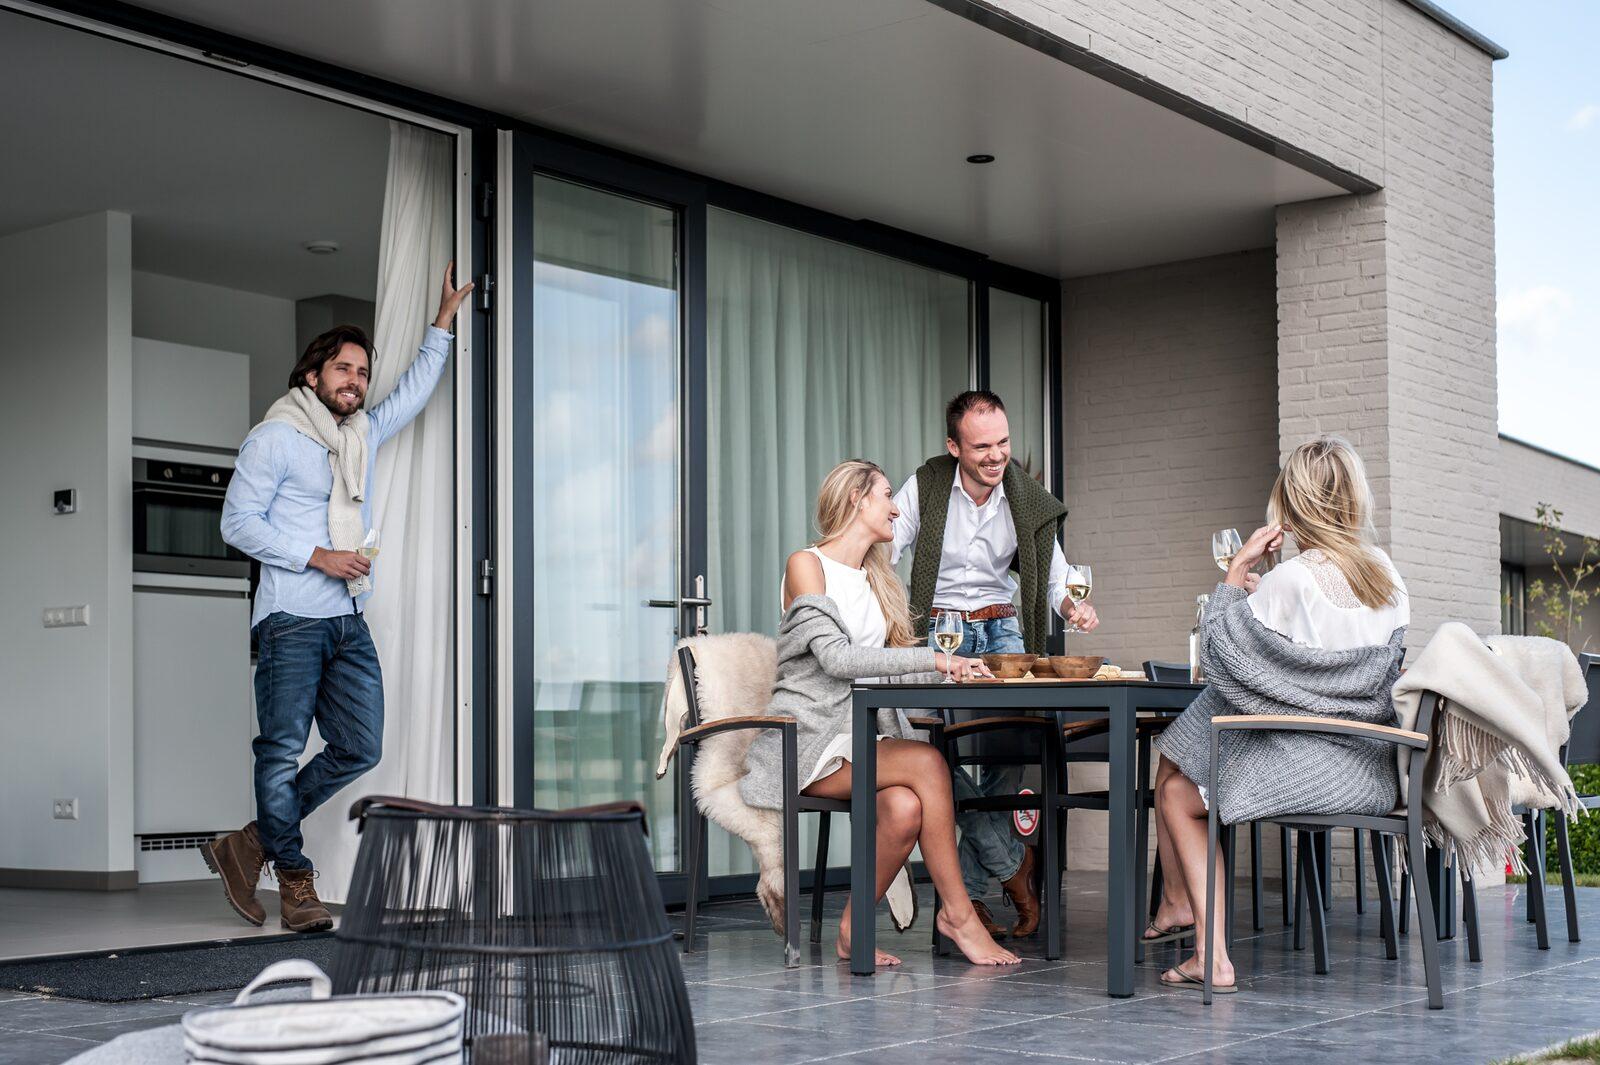 Luxus-Ferienhaus am Meer 8 personen